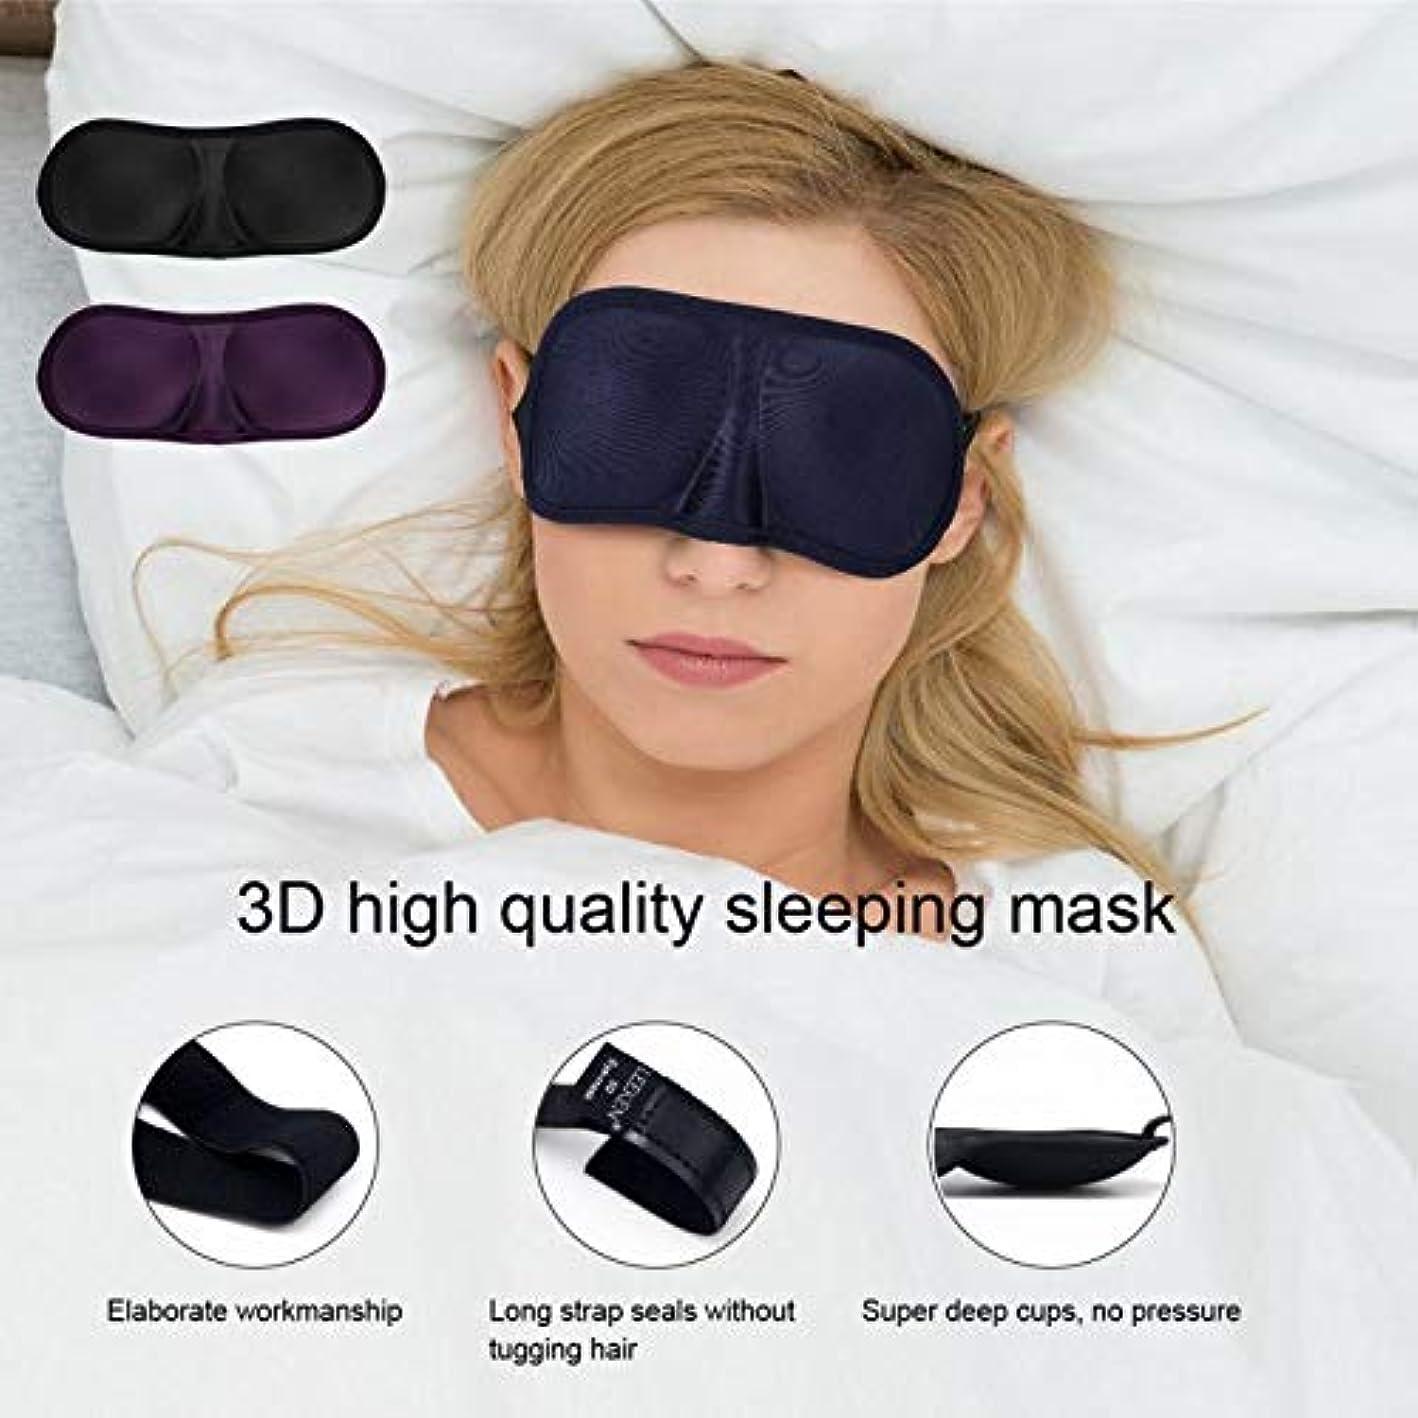 3 D超ソフト睡眠マスク通気性アイシェードカバー睡眠目隠しアイパッチ睡眠マスクヘルプ不眠症ヘルスケアツール